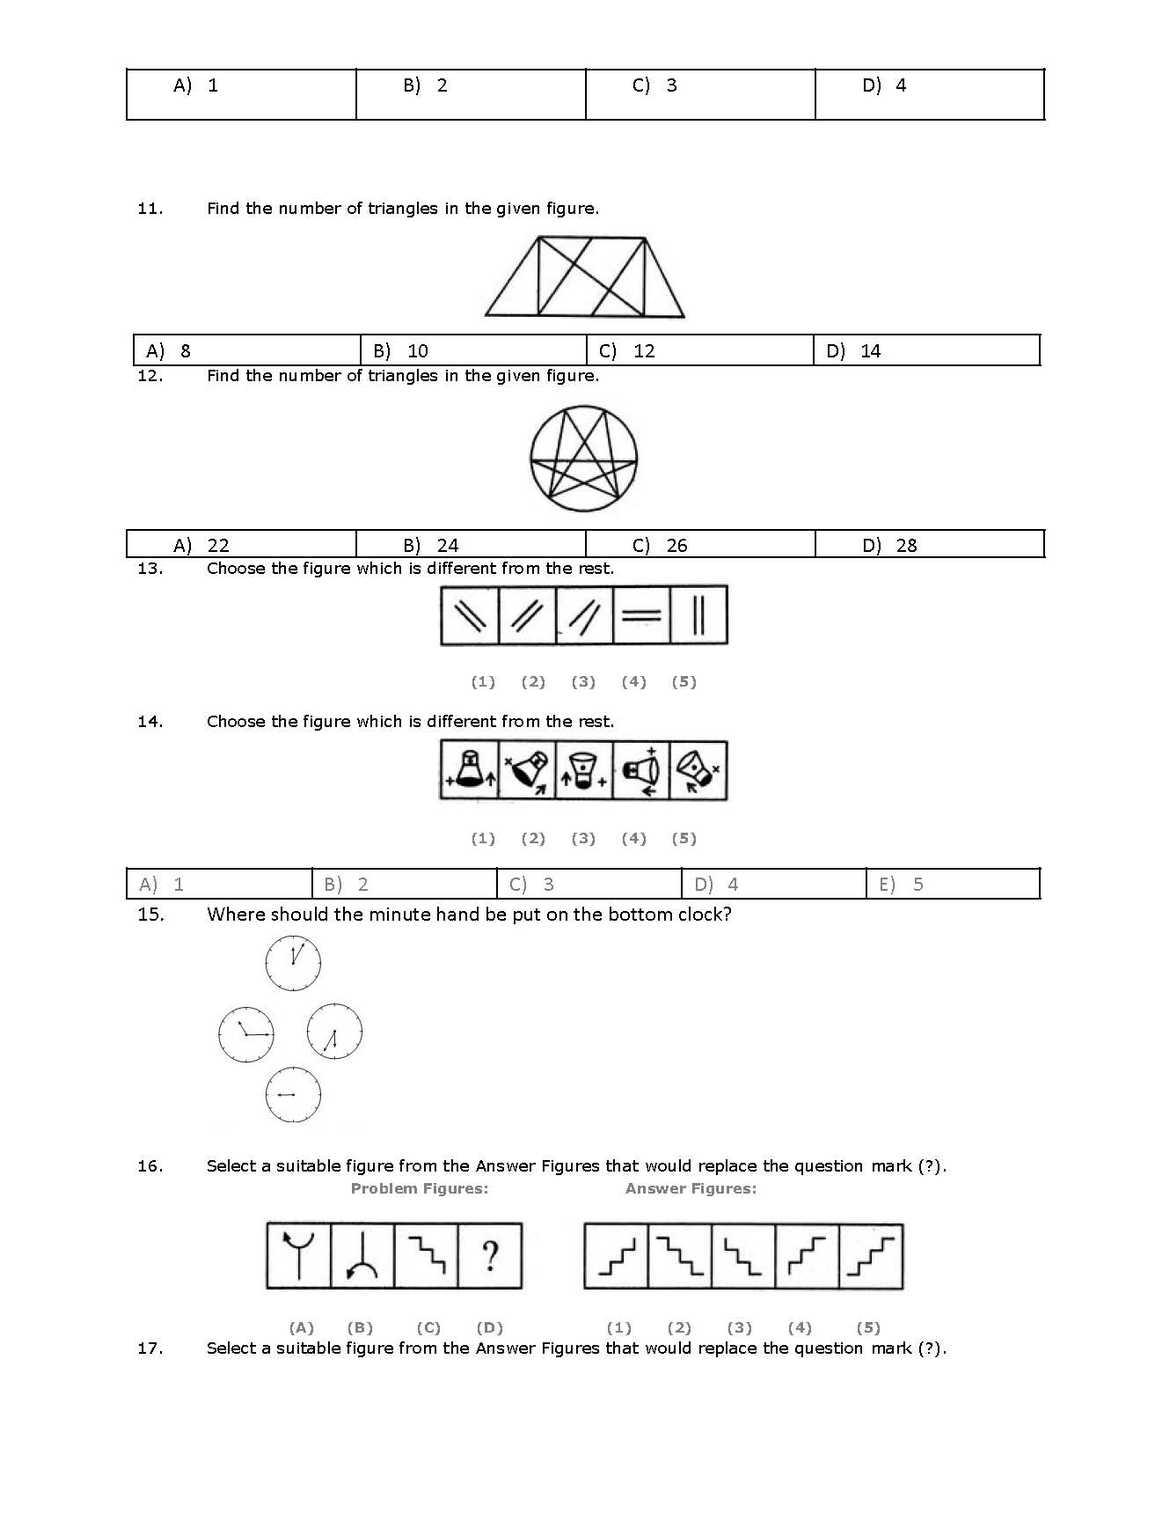 NID Question Paper PDF - 2018 2019 EduVark